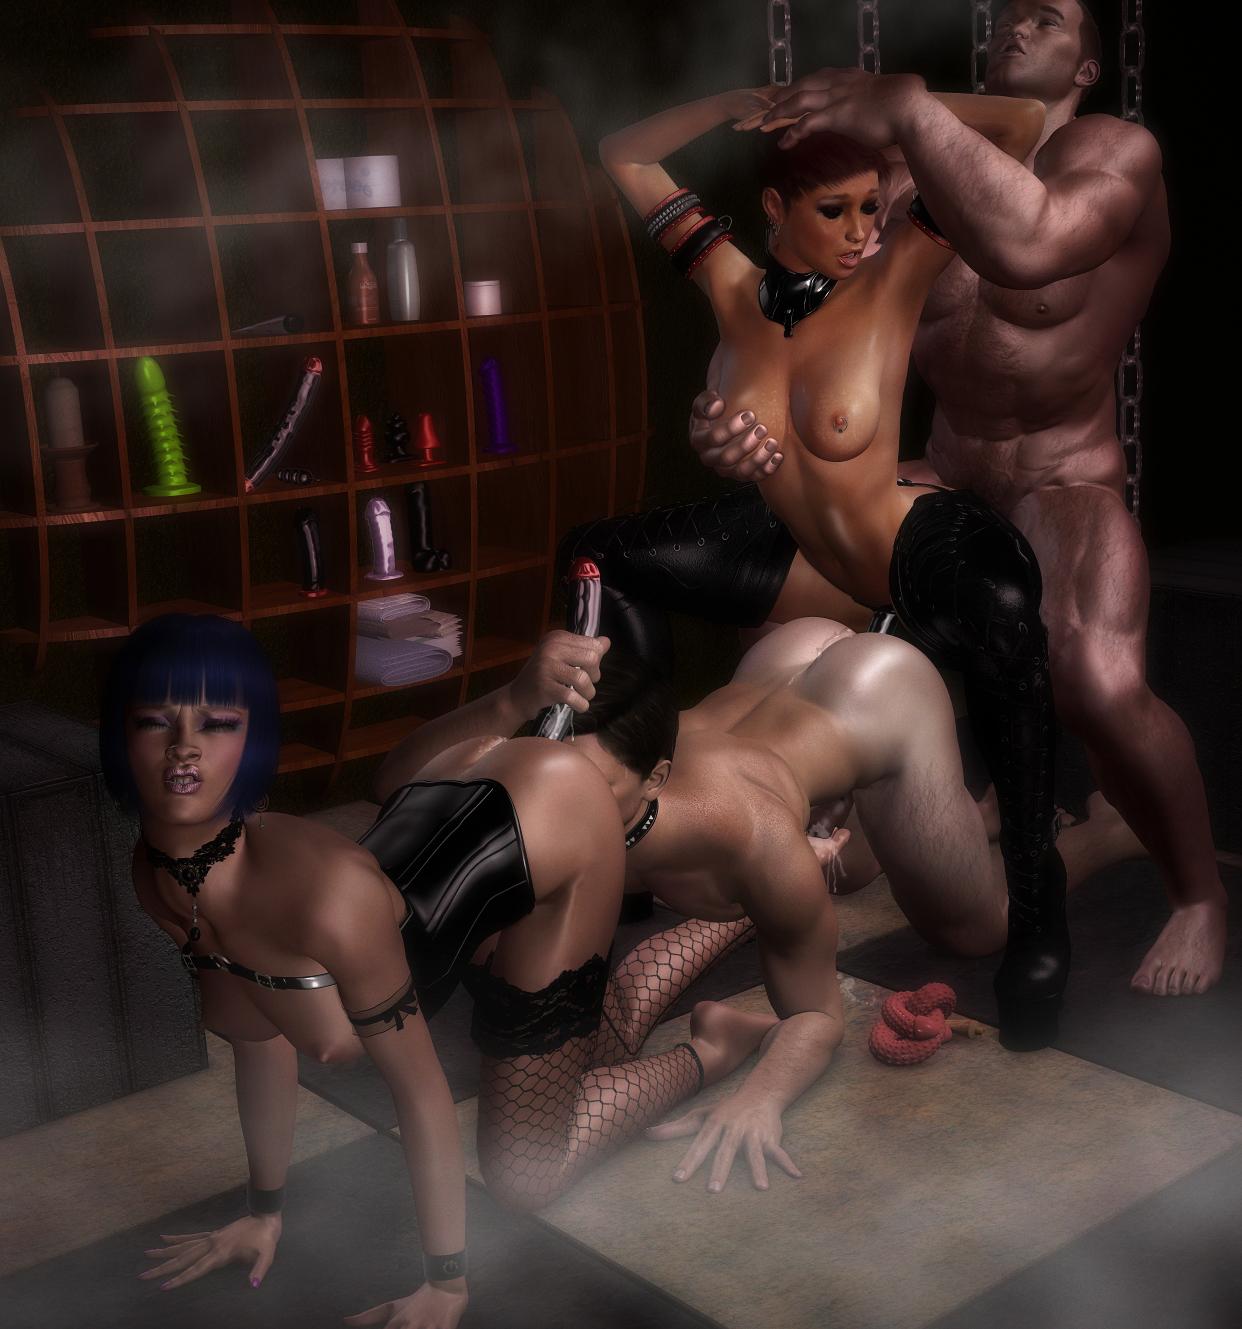 Hardcore dark fantasy pics xxx toons